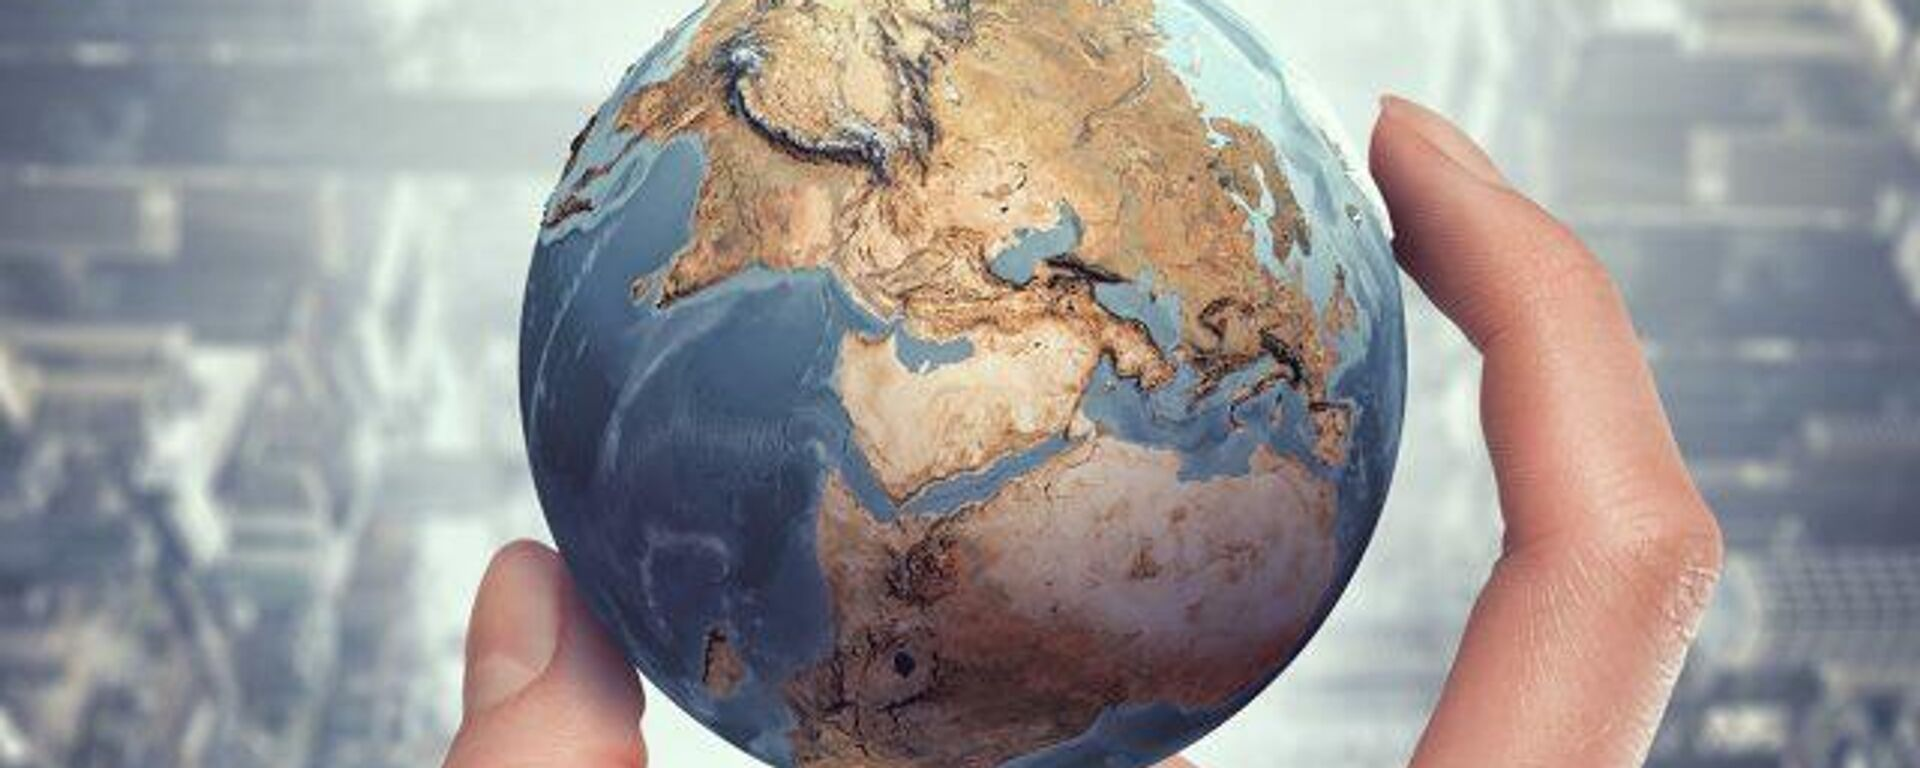 Chile: avanza el regreso al voto obligatorio para evitar el desplome de votantes - Sputnik Mundo, 1920, 27.05.2021